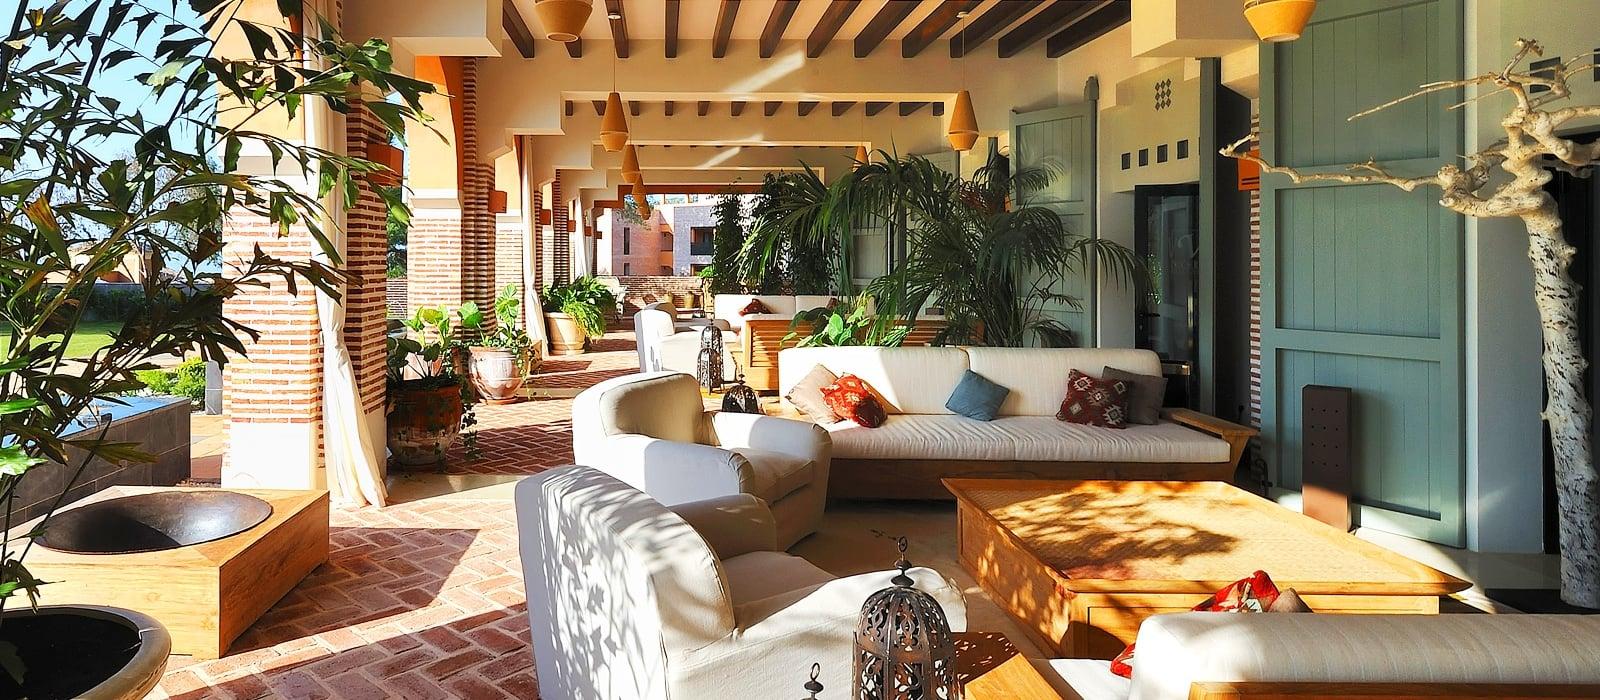 Ofertas Hotel Vincci Estrella del Mar - Anticípate y ahorra! -10%